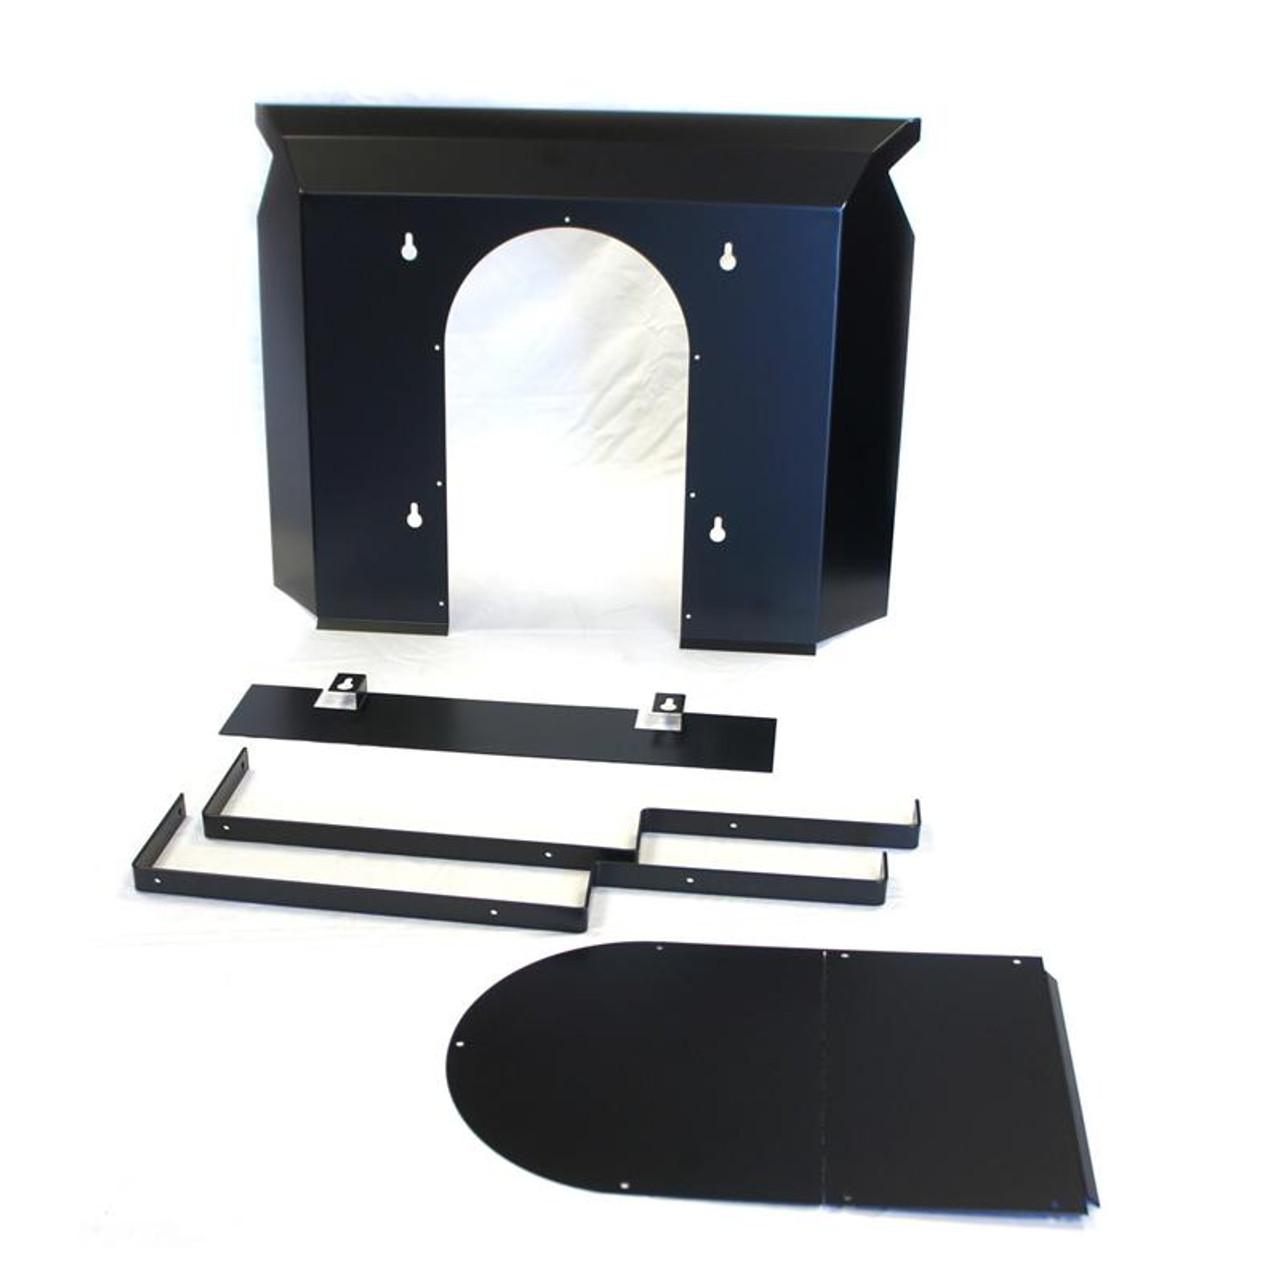 HearthStone Castleton Heat Shield 90-68300